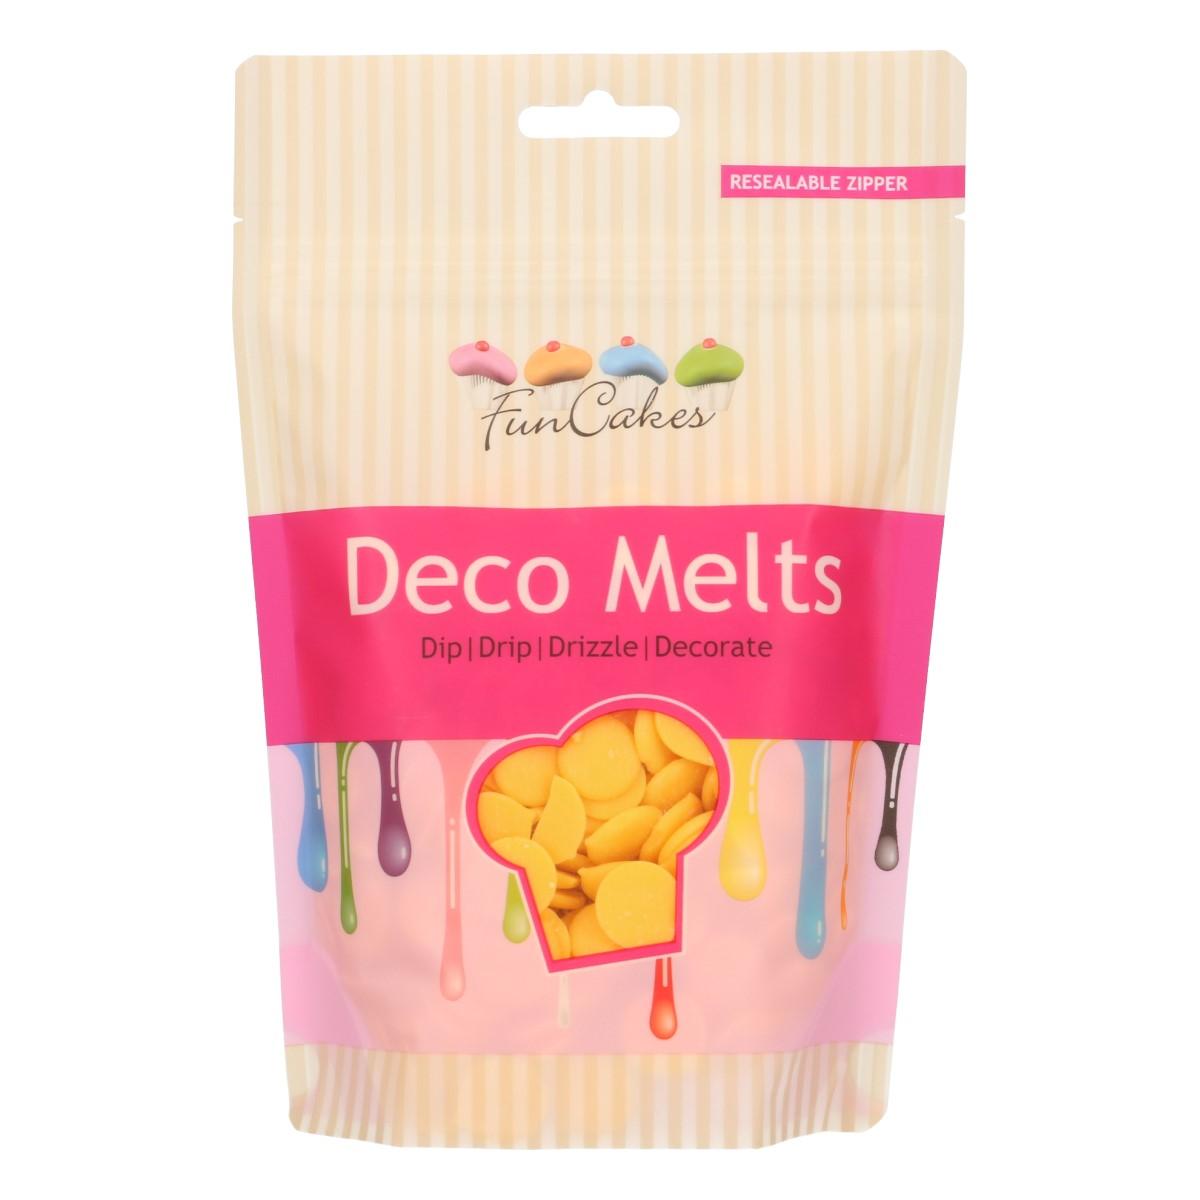 Imagen de producto: https://tienda.postreadiccion.com/img/articulos/secundarias12797-deco-melts-amarillos-250-g-funcakes-1.jpg